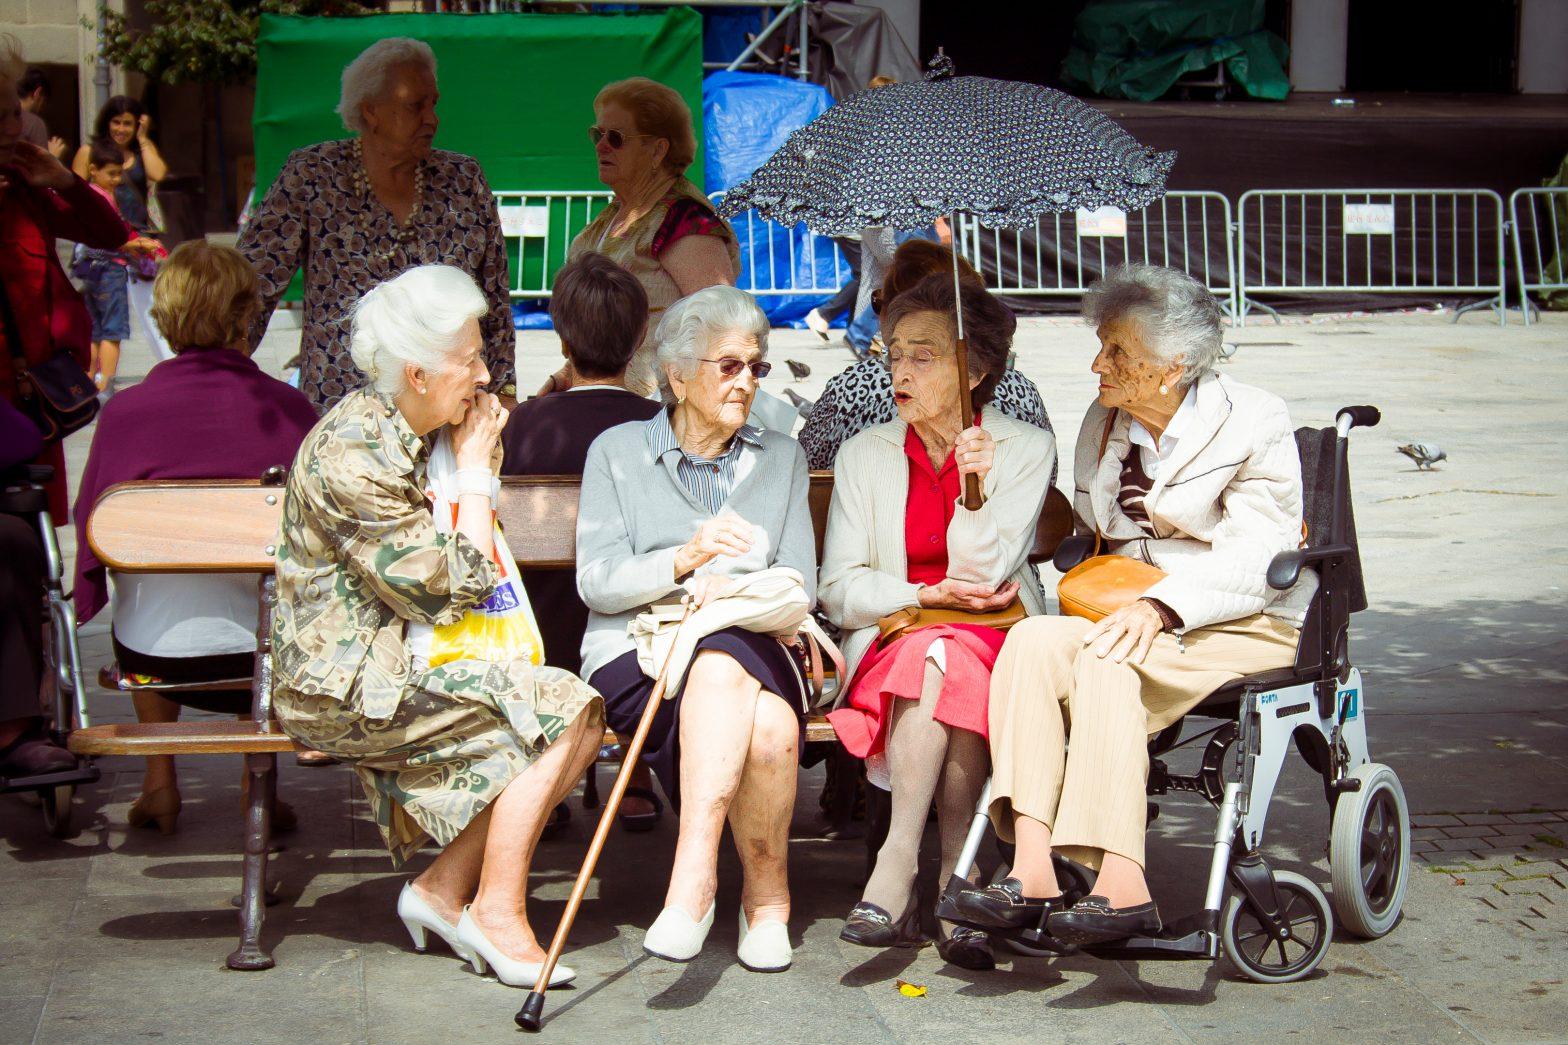 Creșterea speranței de viață aduce, în multe țări europene, o presiune adițională pe sistemele publice de pensii. Multe guverne au decis să crească vârsta de pensionare, corelând pragul cu speranța de viață. Sursă foto: Shutterstock